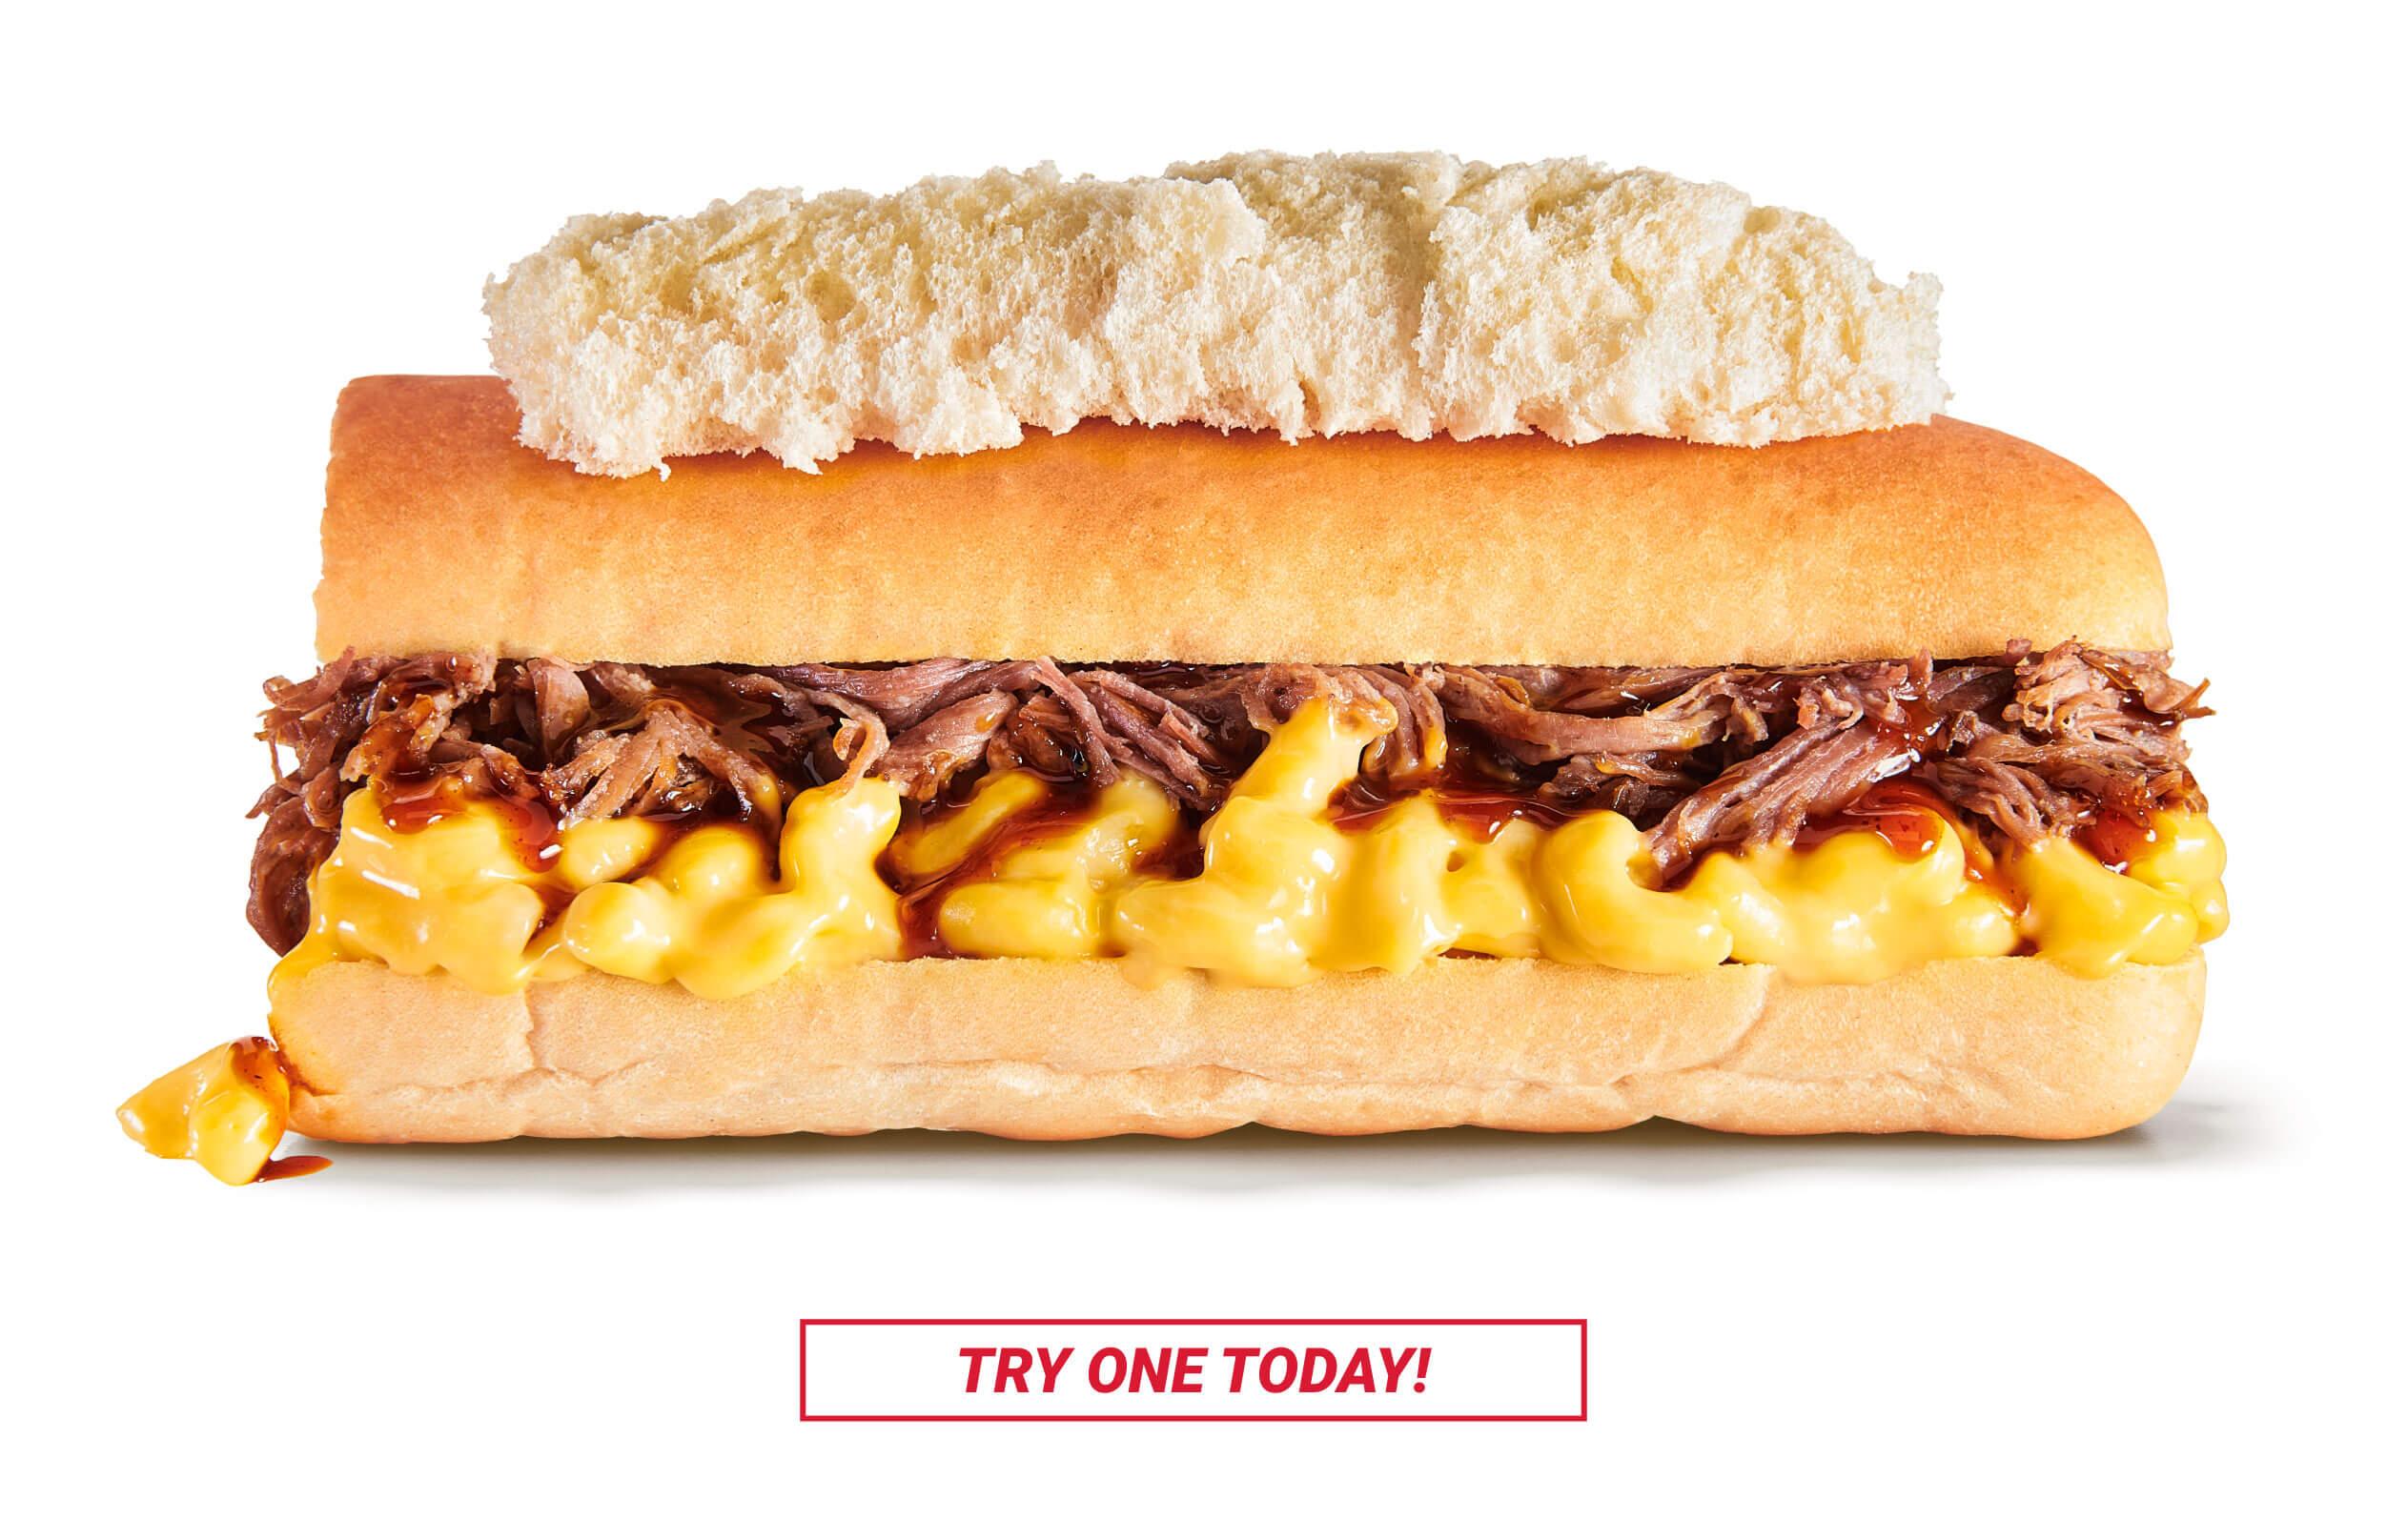 Erbert & Gerbert's Mac and Cheese BBQ Brisket Sandwich